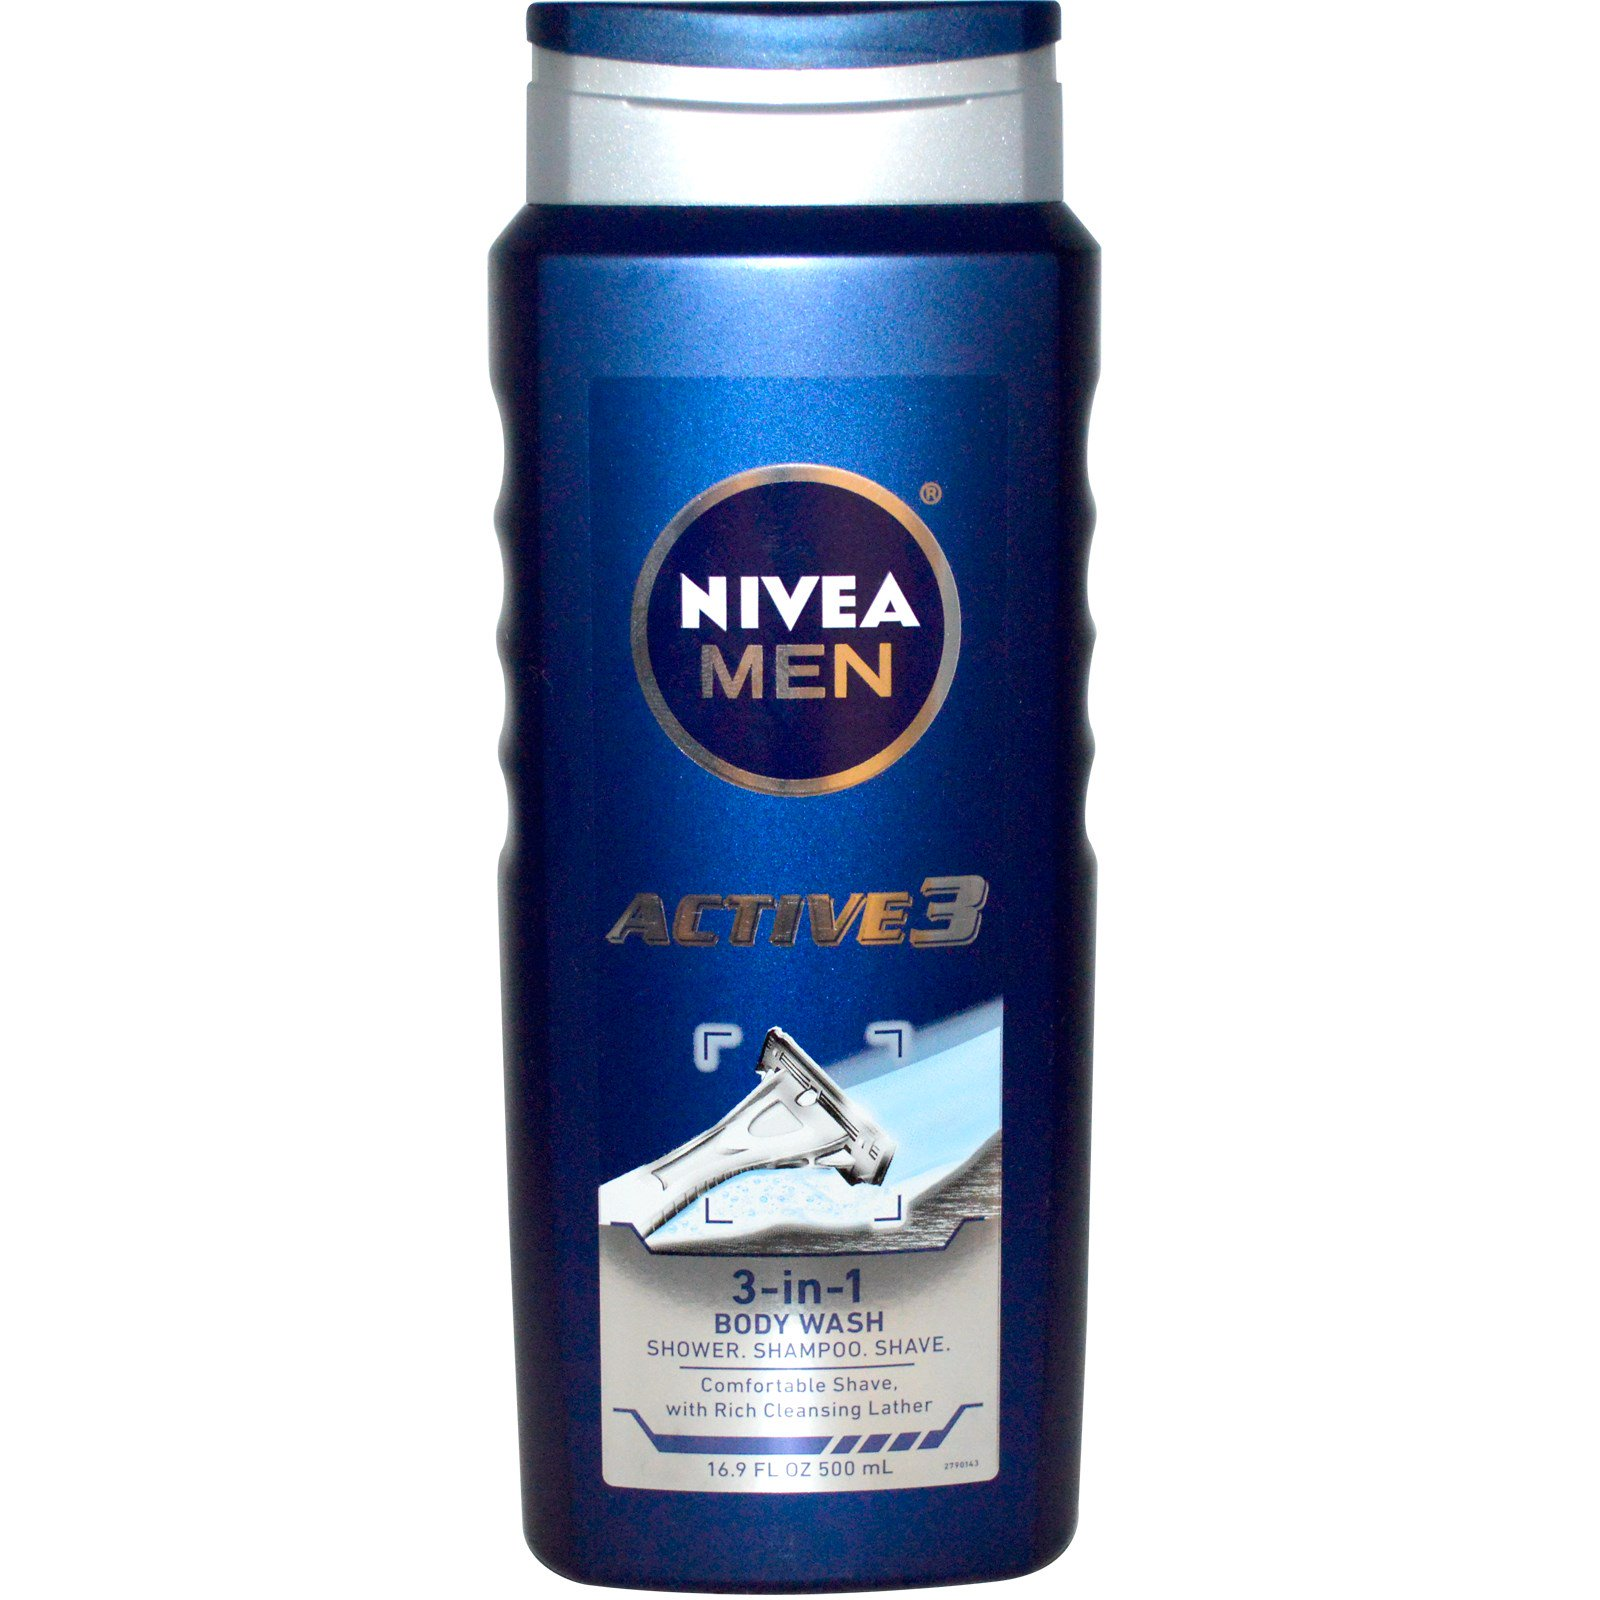 Nivea, Актив 3, Мужской гель для душа 3-в-1, 500 мл (16,9 жидких унций)